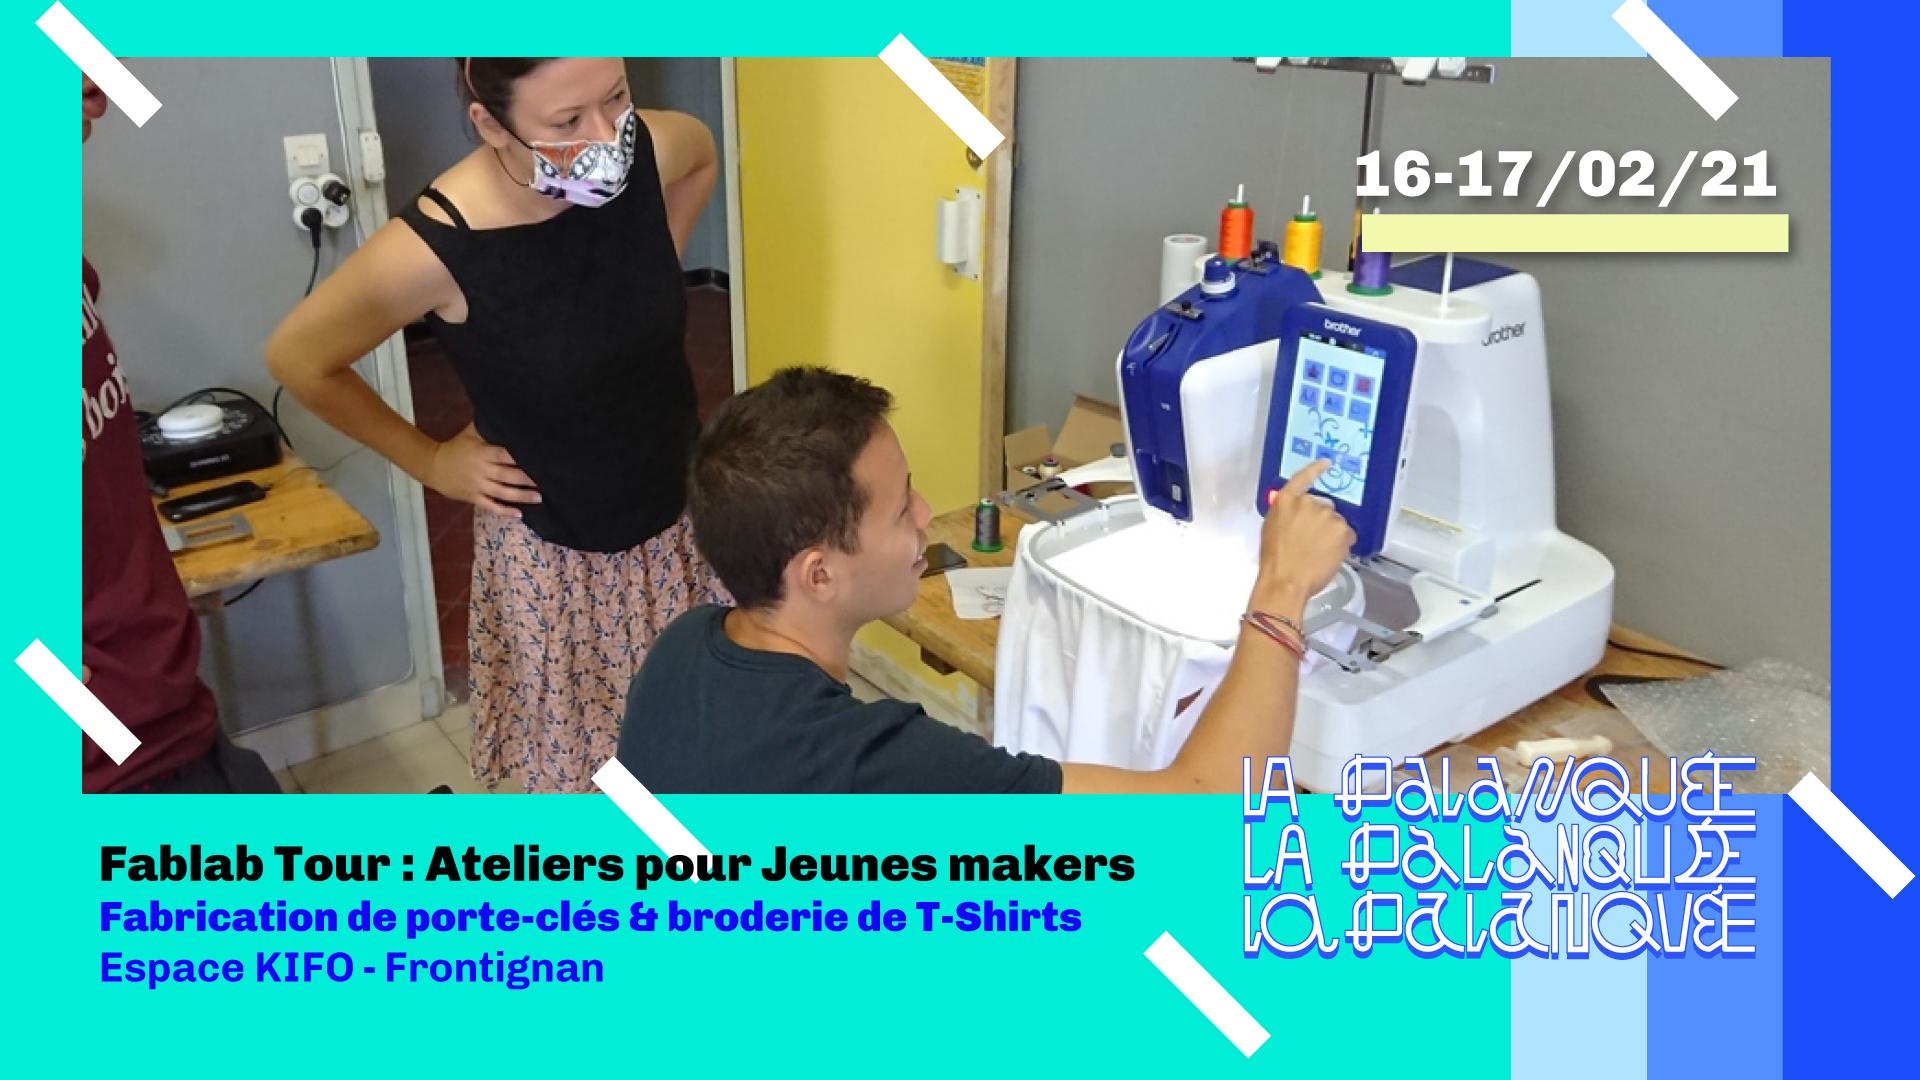 Fablab Tour Frontignan : Atelier Jeunes Makers - La Palanquée Espace KIFO Frontignan Atelier pour adolescents - Fabrication de porte-clés et broderie de T-Shirts